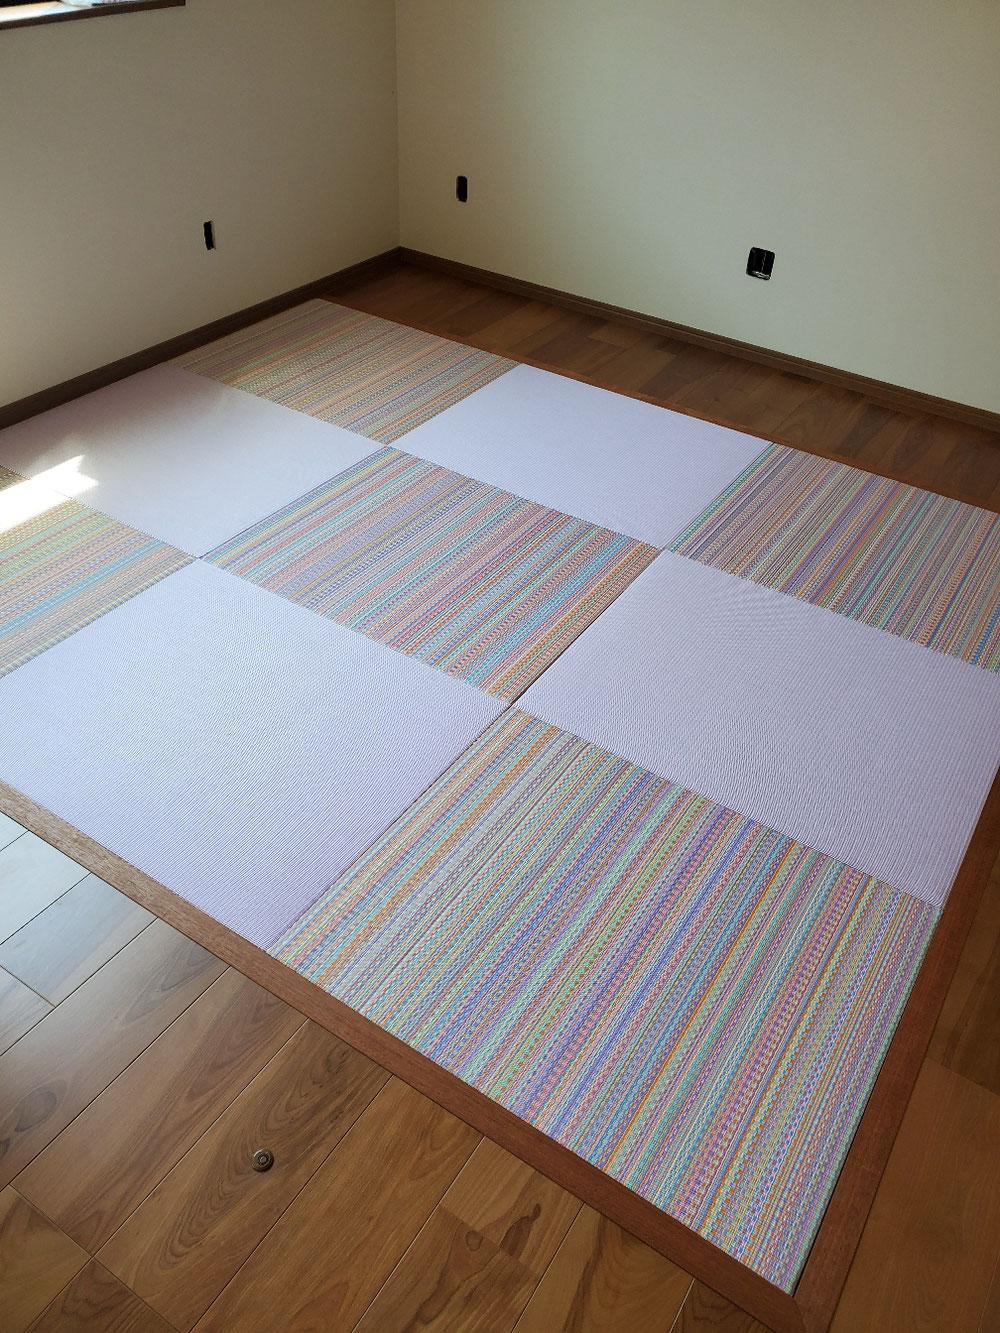 新築物件セキスイ2色使いへりなし新畳